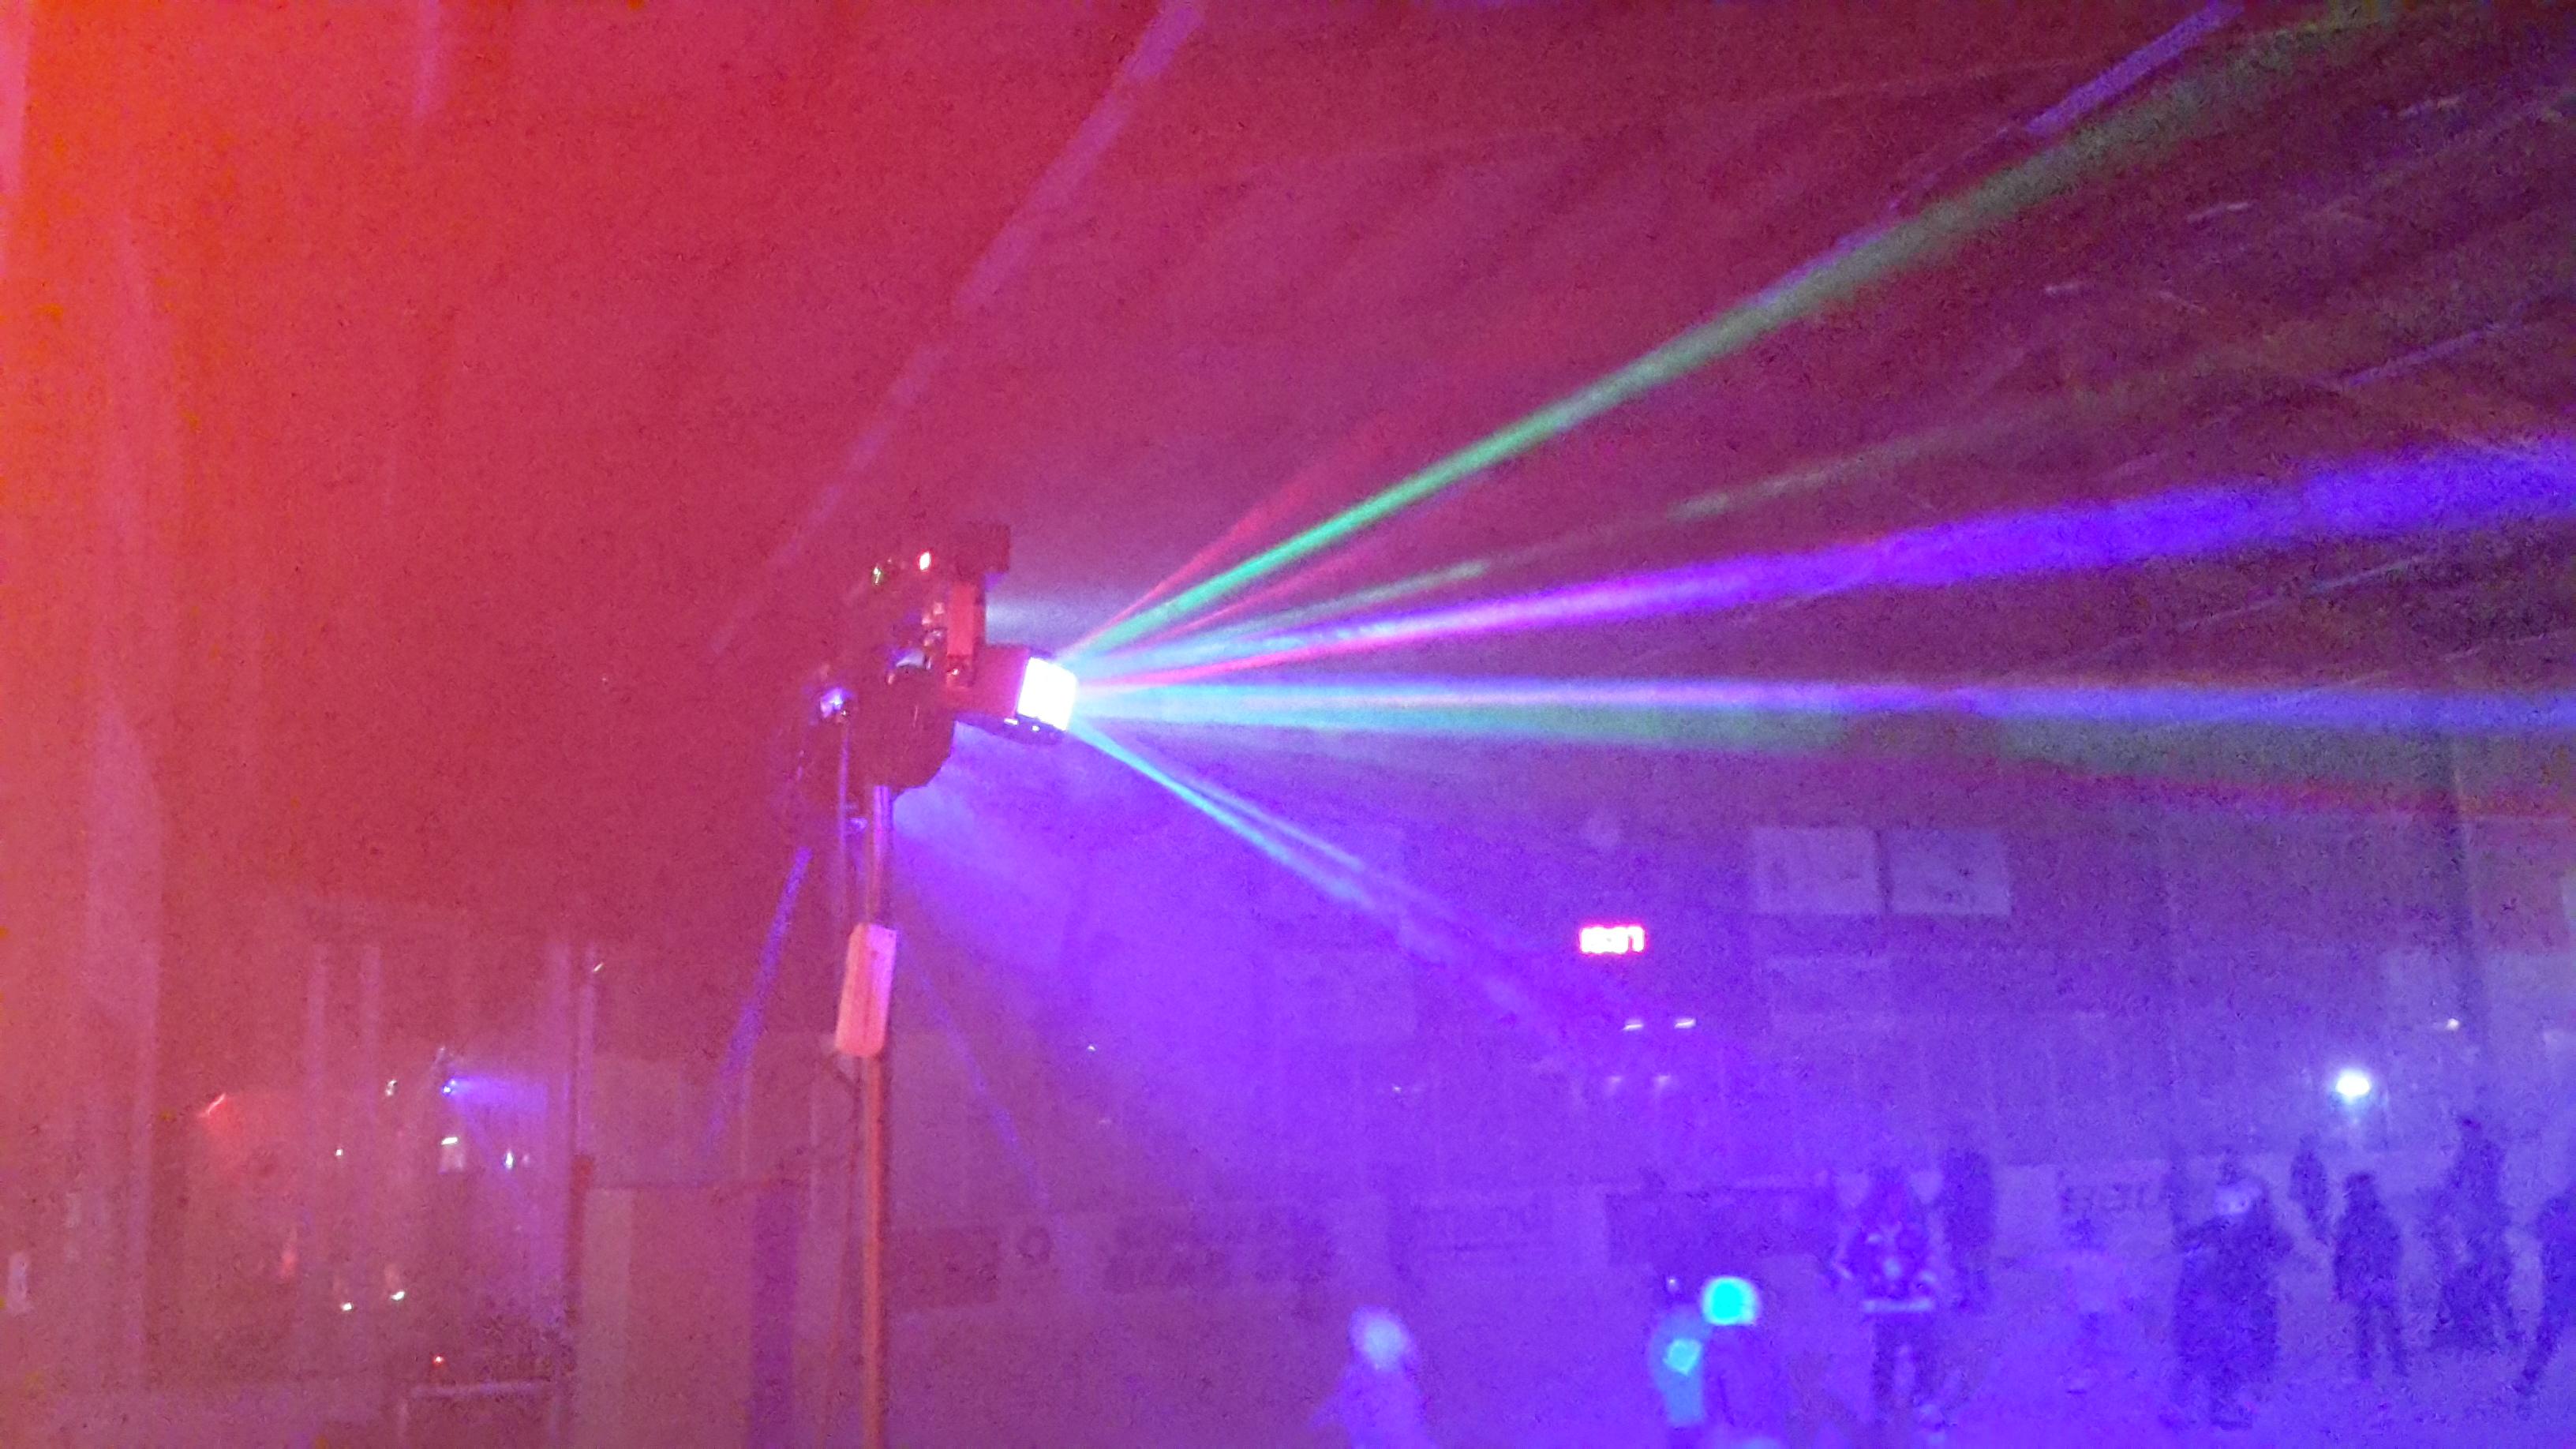 d57ecc254859 Hyra ljud i Stockholm Hyra ljus i Stockholm - Hyr Ljud och Ljus i ...